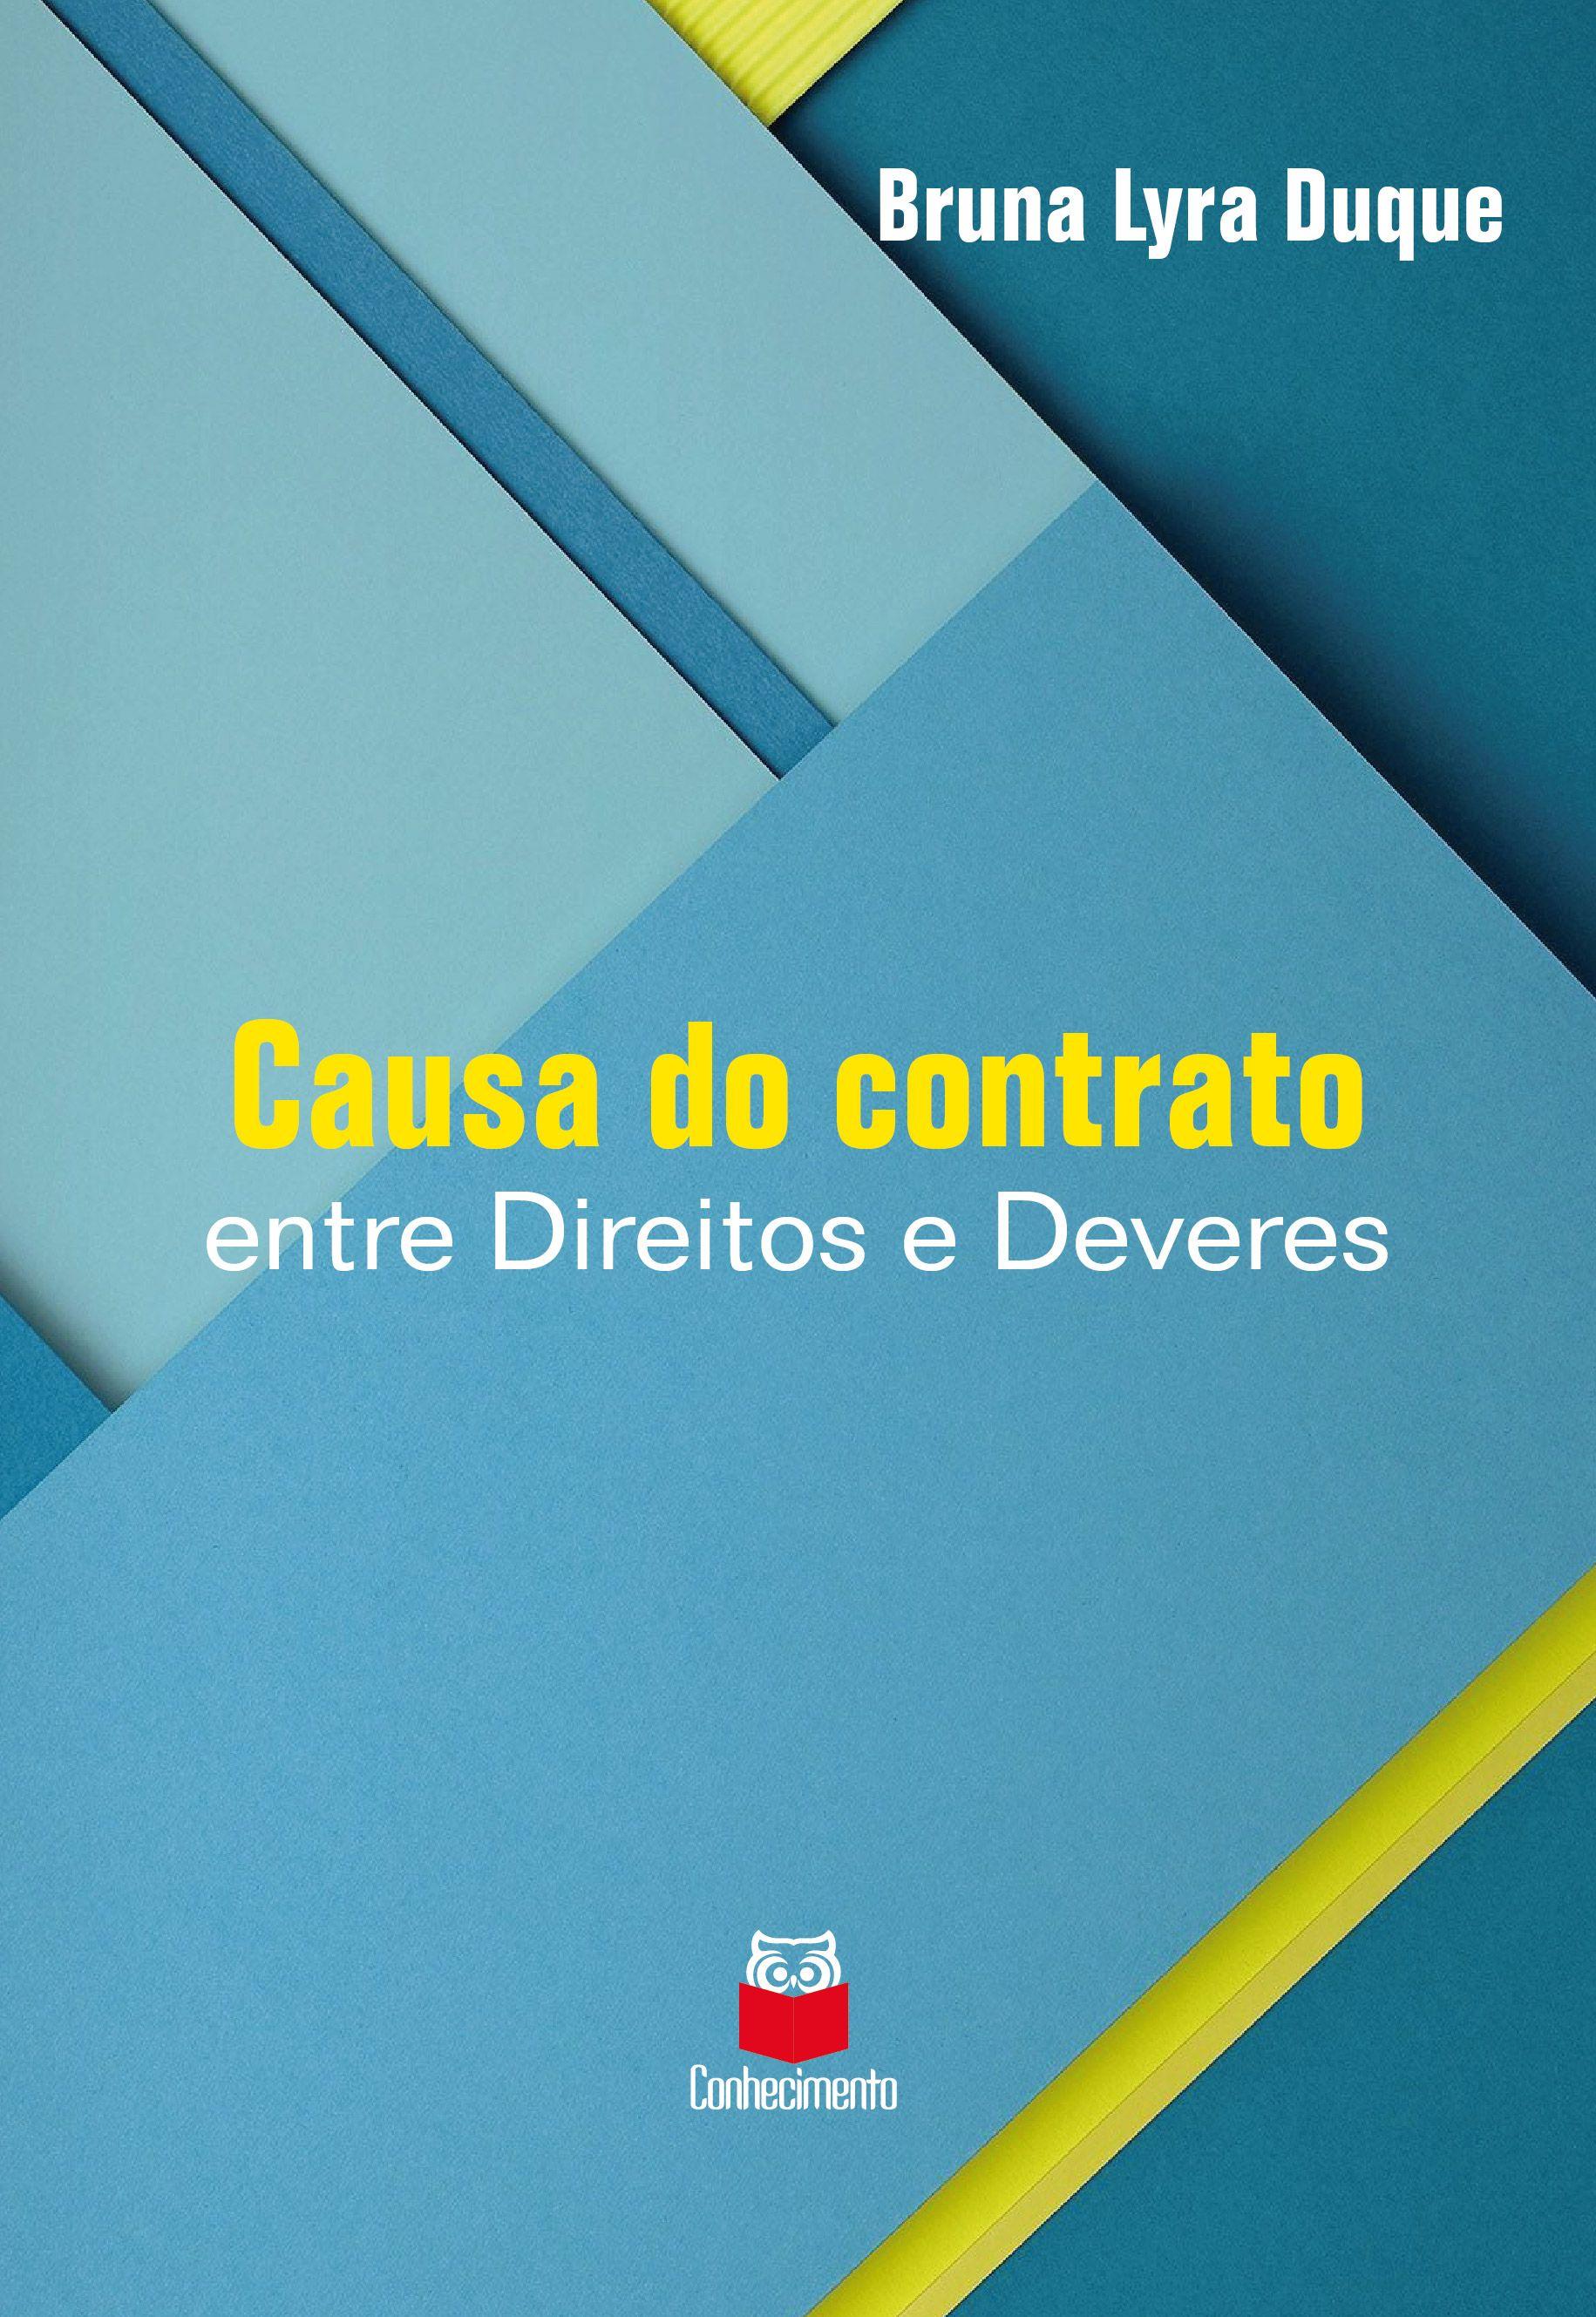 Causa do contrato: entre direitos e deveres